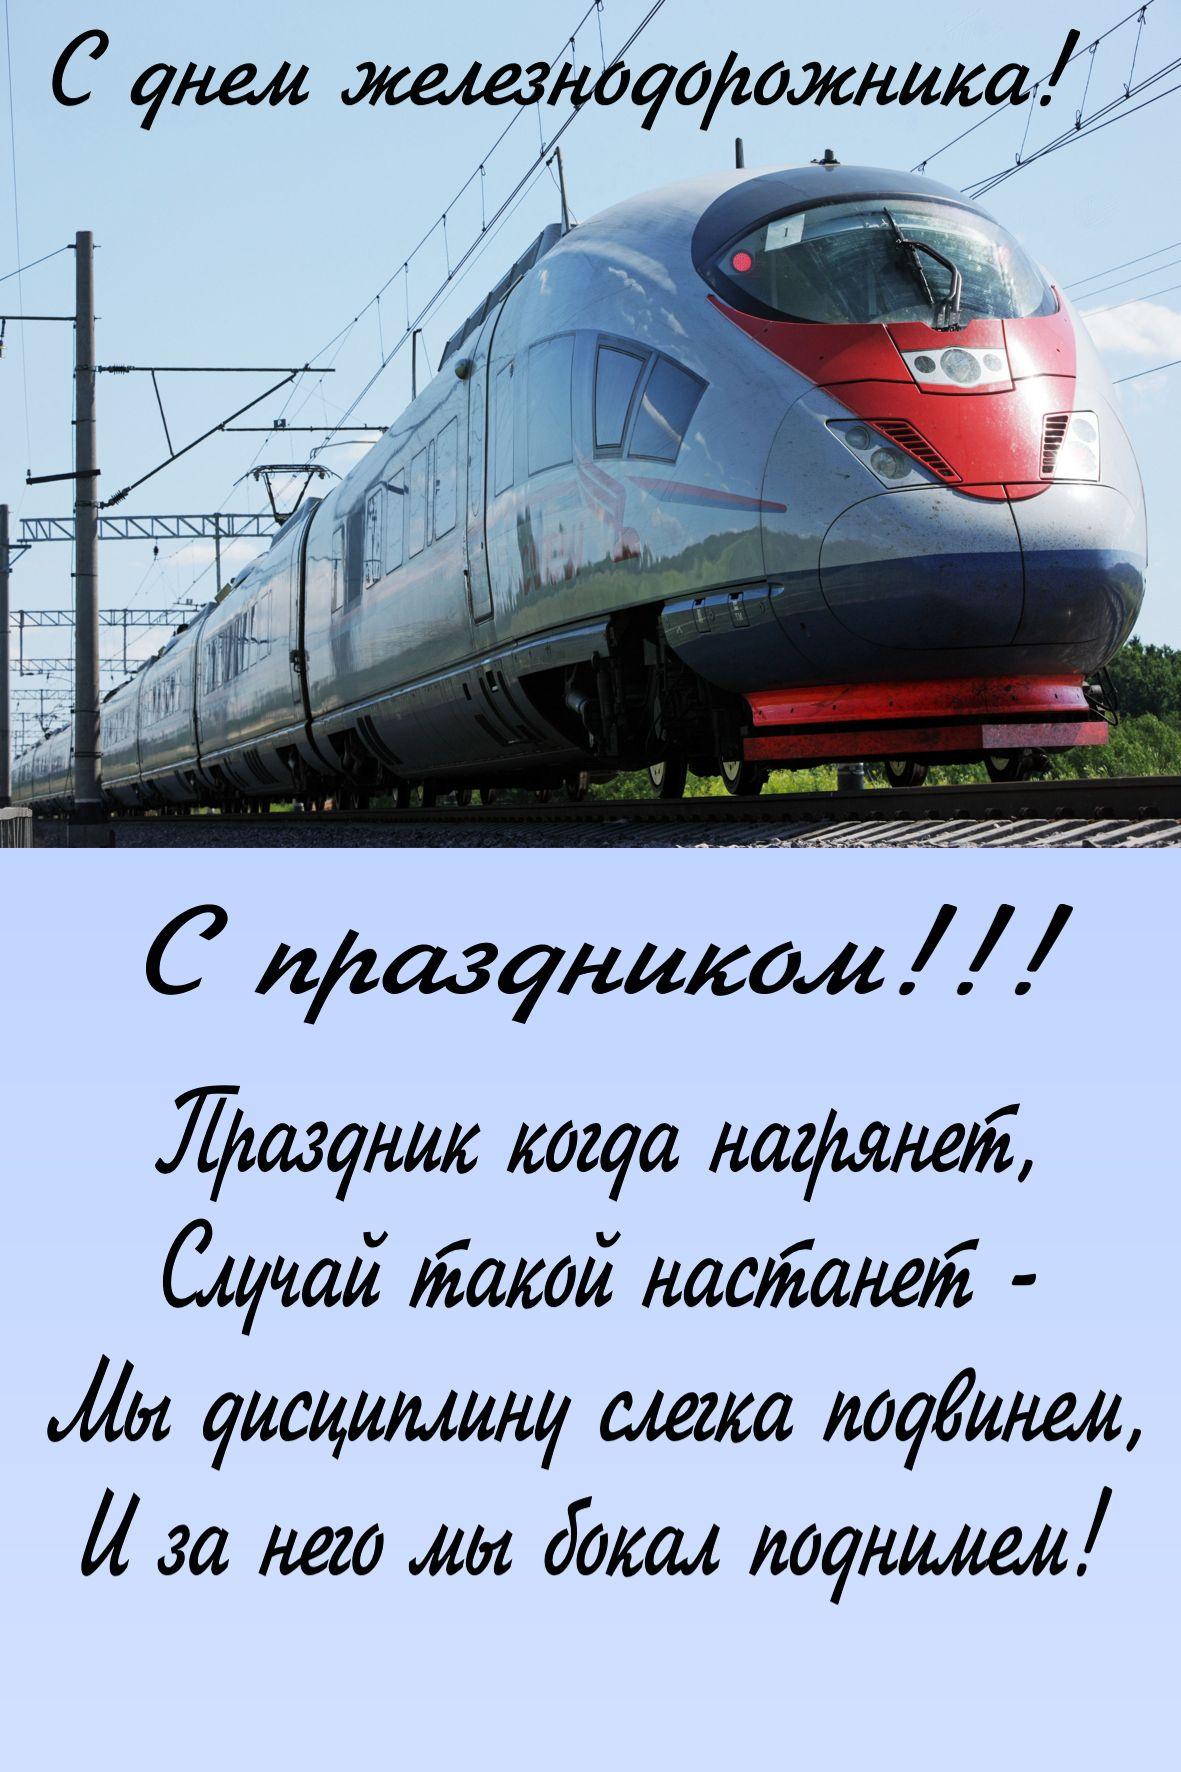 Открытки с днем железнодорожника анимационные и поздравления